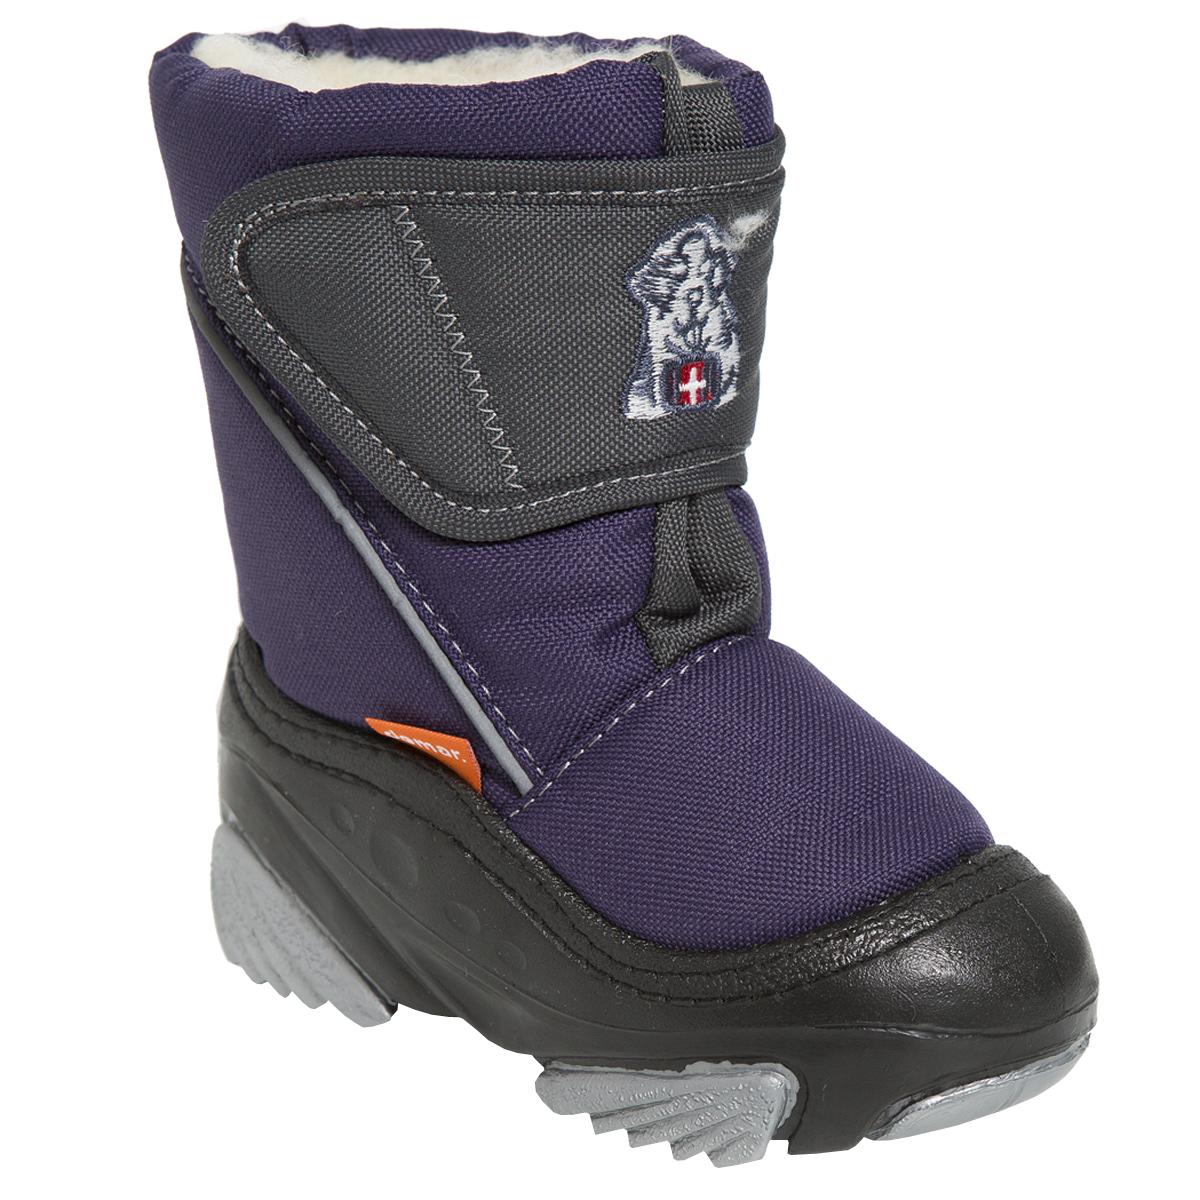 Дутики для мальчика. 4021 DOGGY В - Demar4021 DOGGY ВТеплая и удобная обувь для малышей. Высокая подошва, выполненная из литой резины, имеет специальное рифление, которое защищает от скольжения и сохраняет гибкость даже в значительные морозы. Имеет светоотражающий элемент.